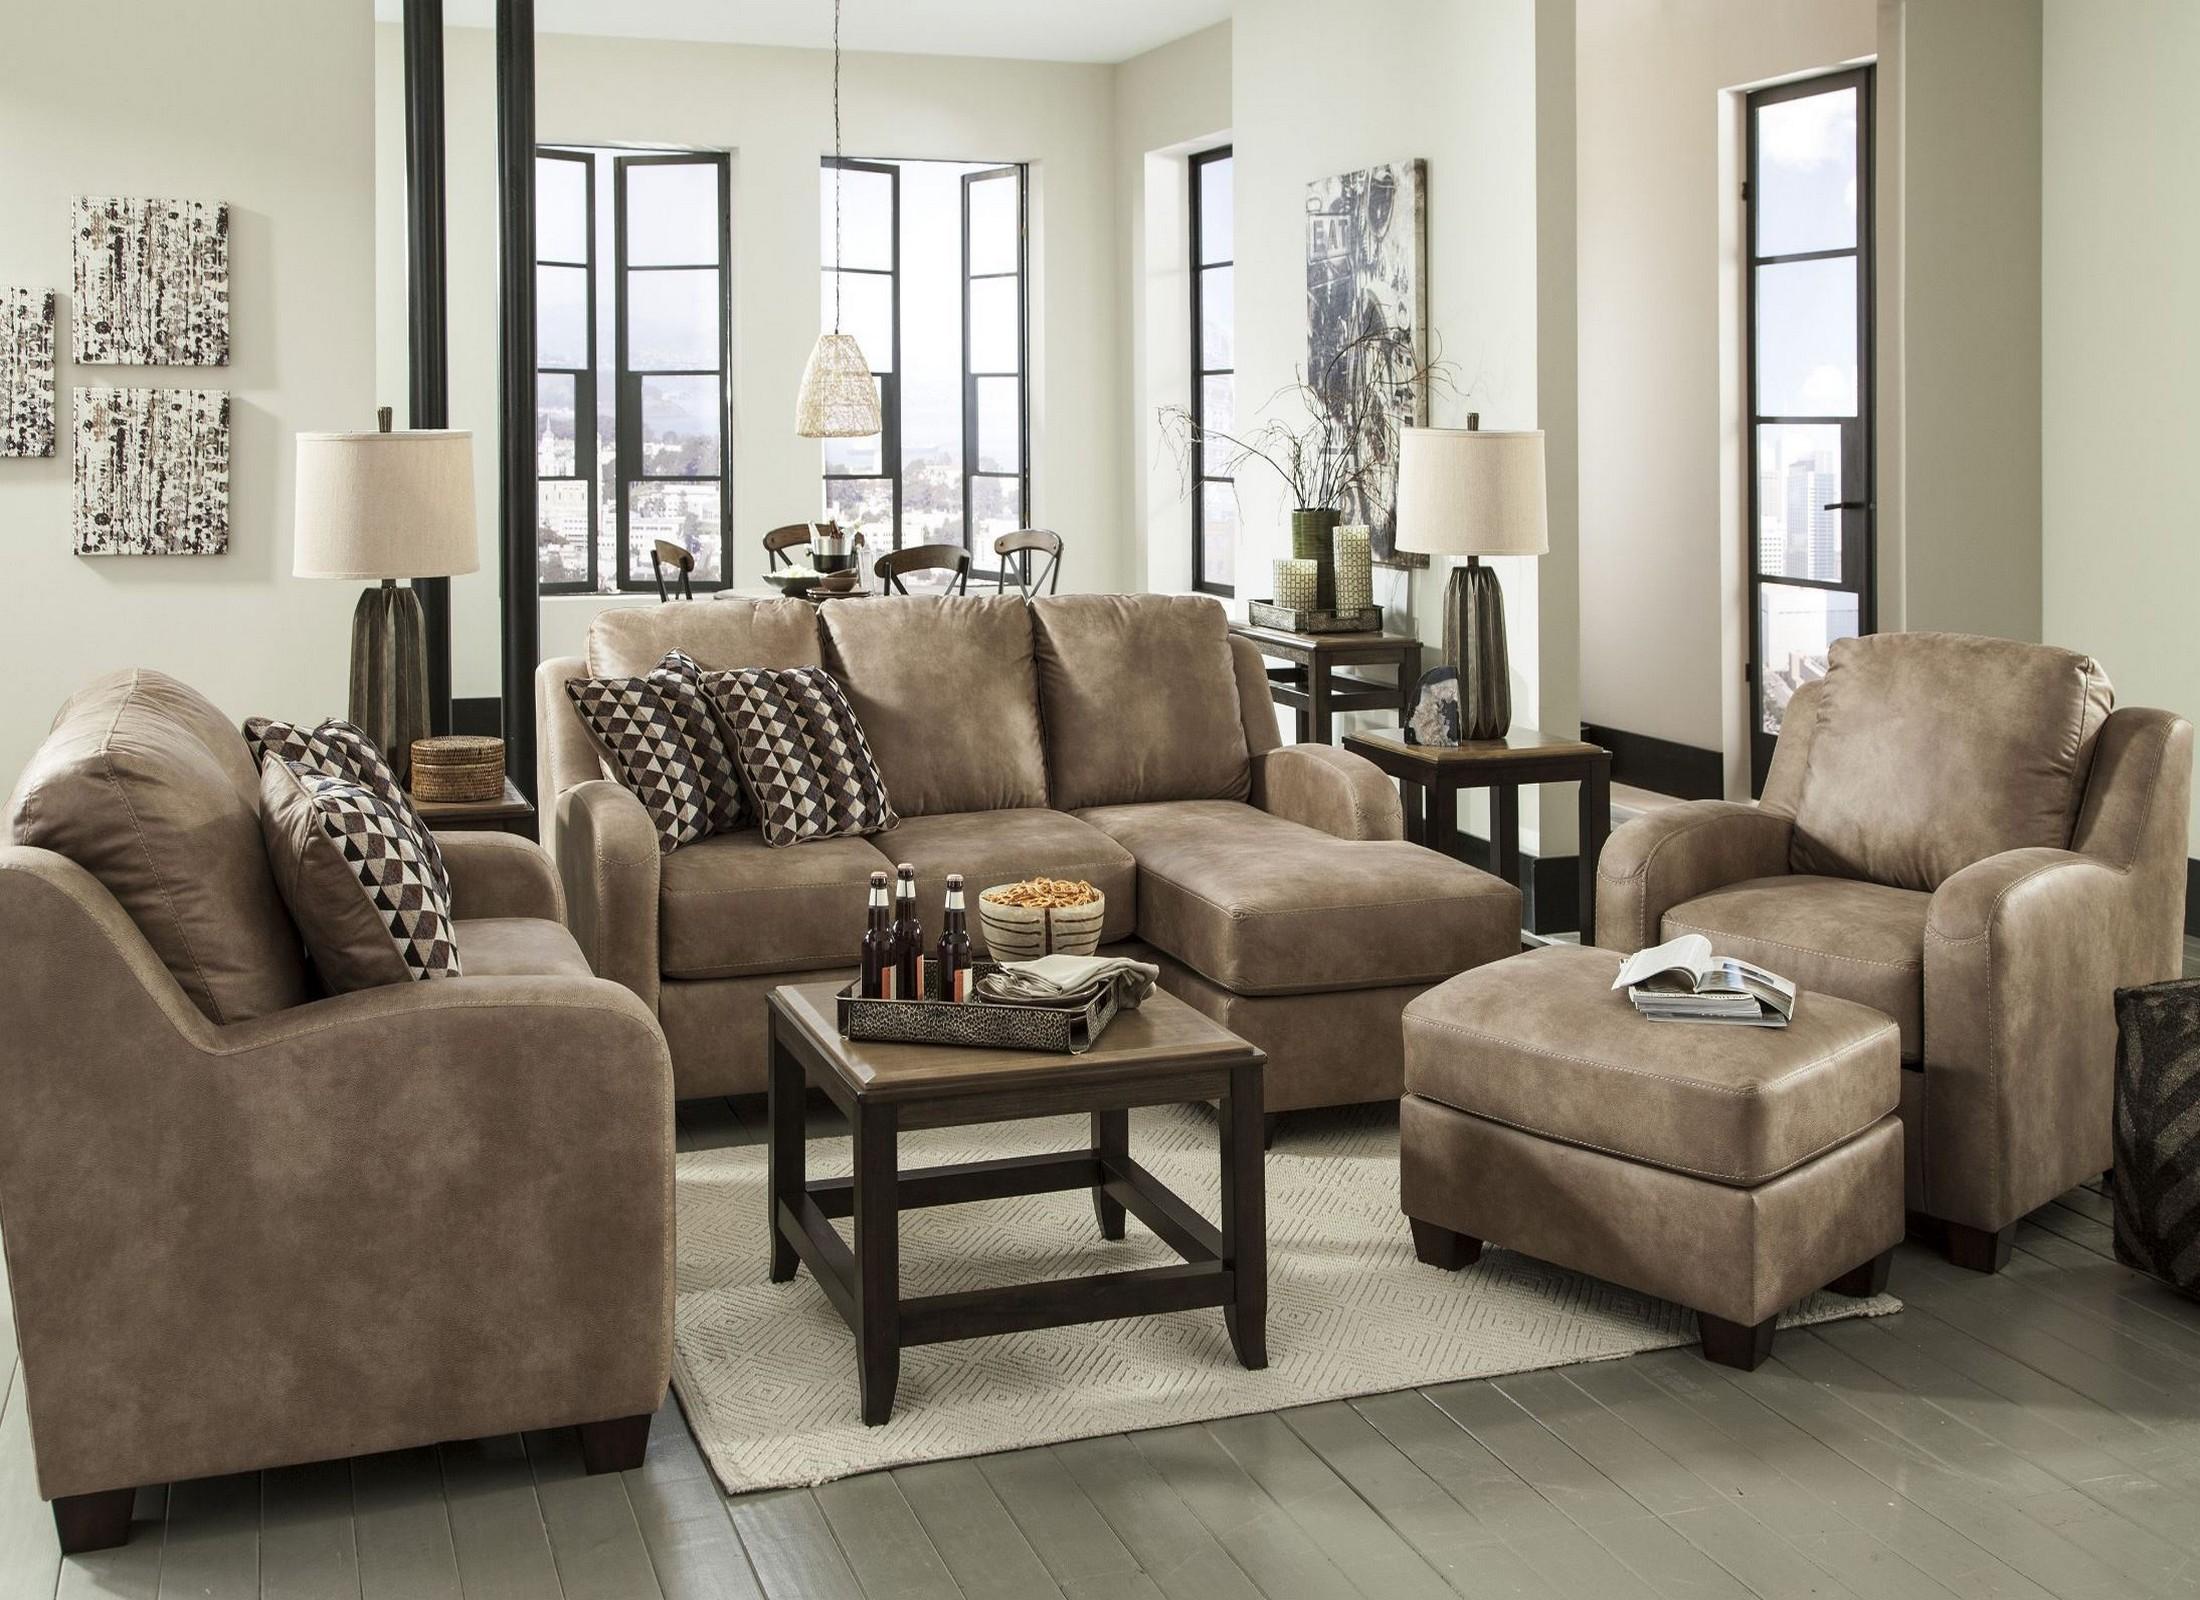 lauren ashley 60 zero wall sofa recliner top rated sleeper 2017 alturo dune living room set from 6000318